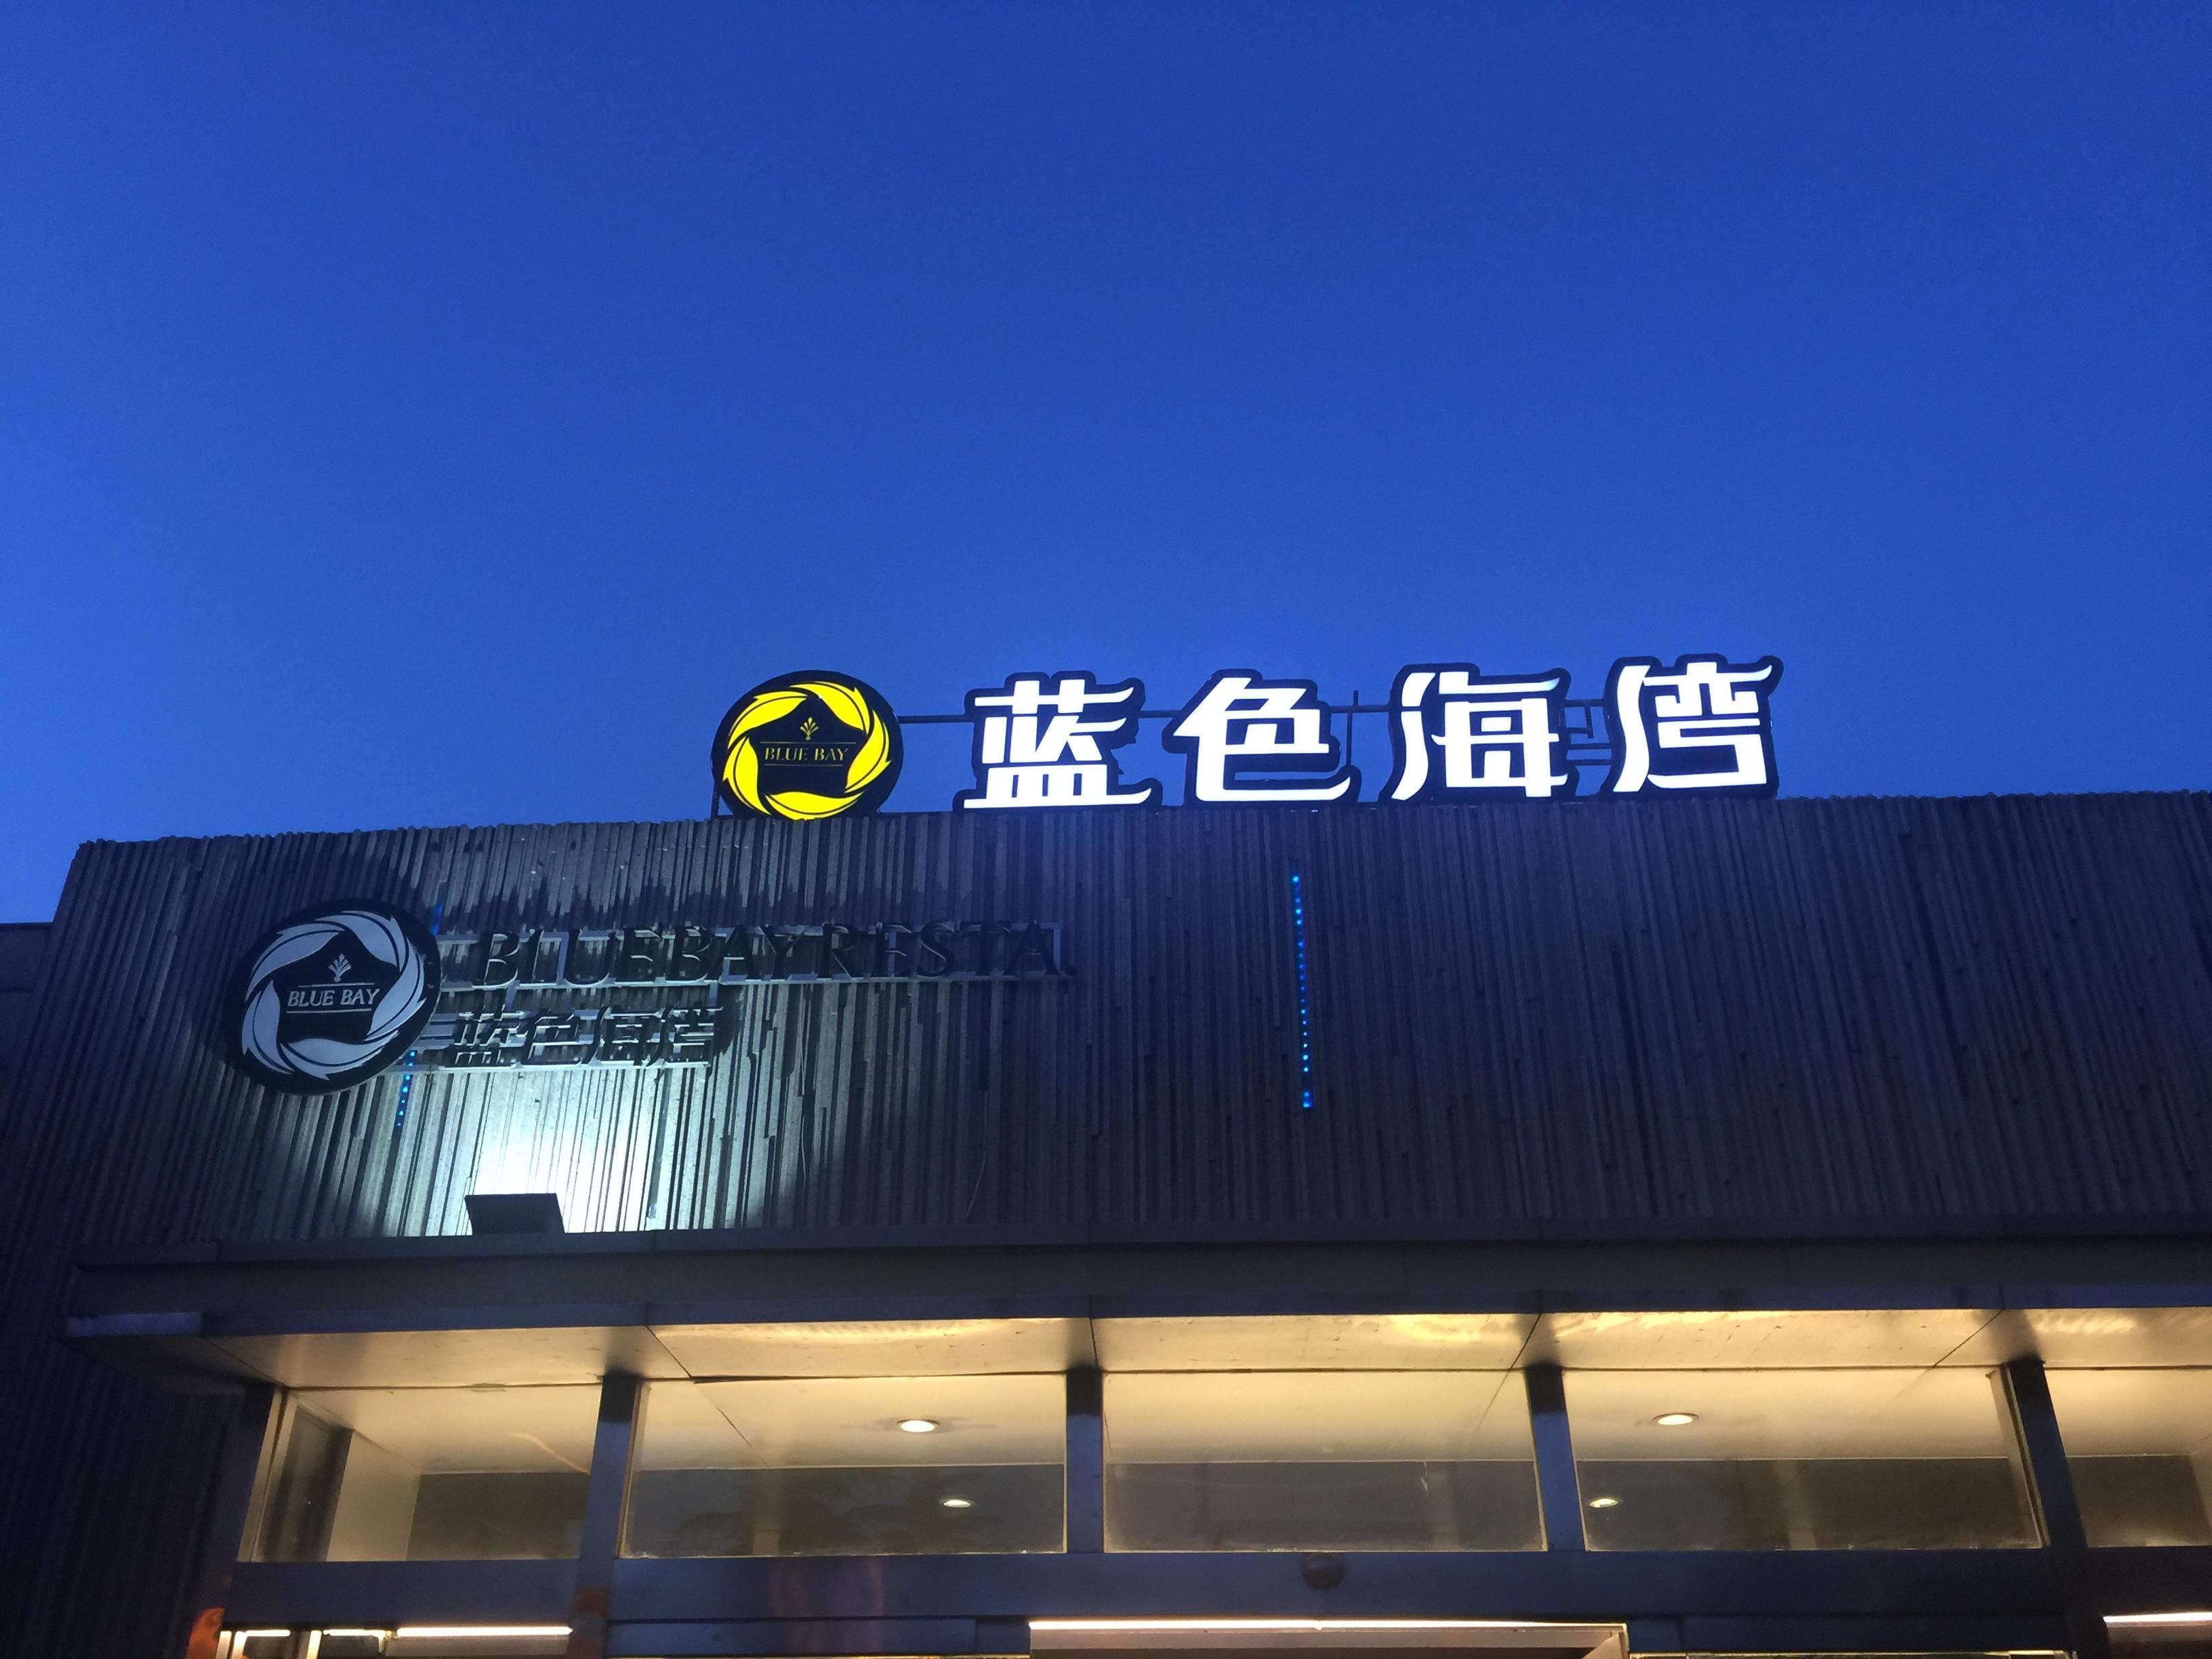 [웨이하이 맛집] 蓝色海湾 Blue Bay Restraunt